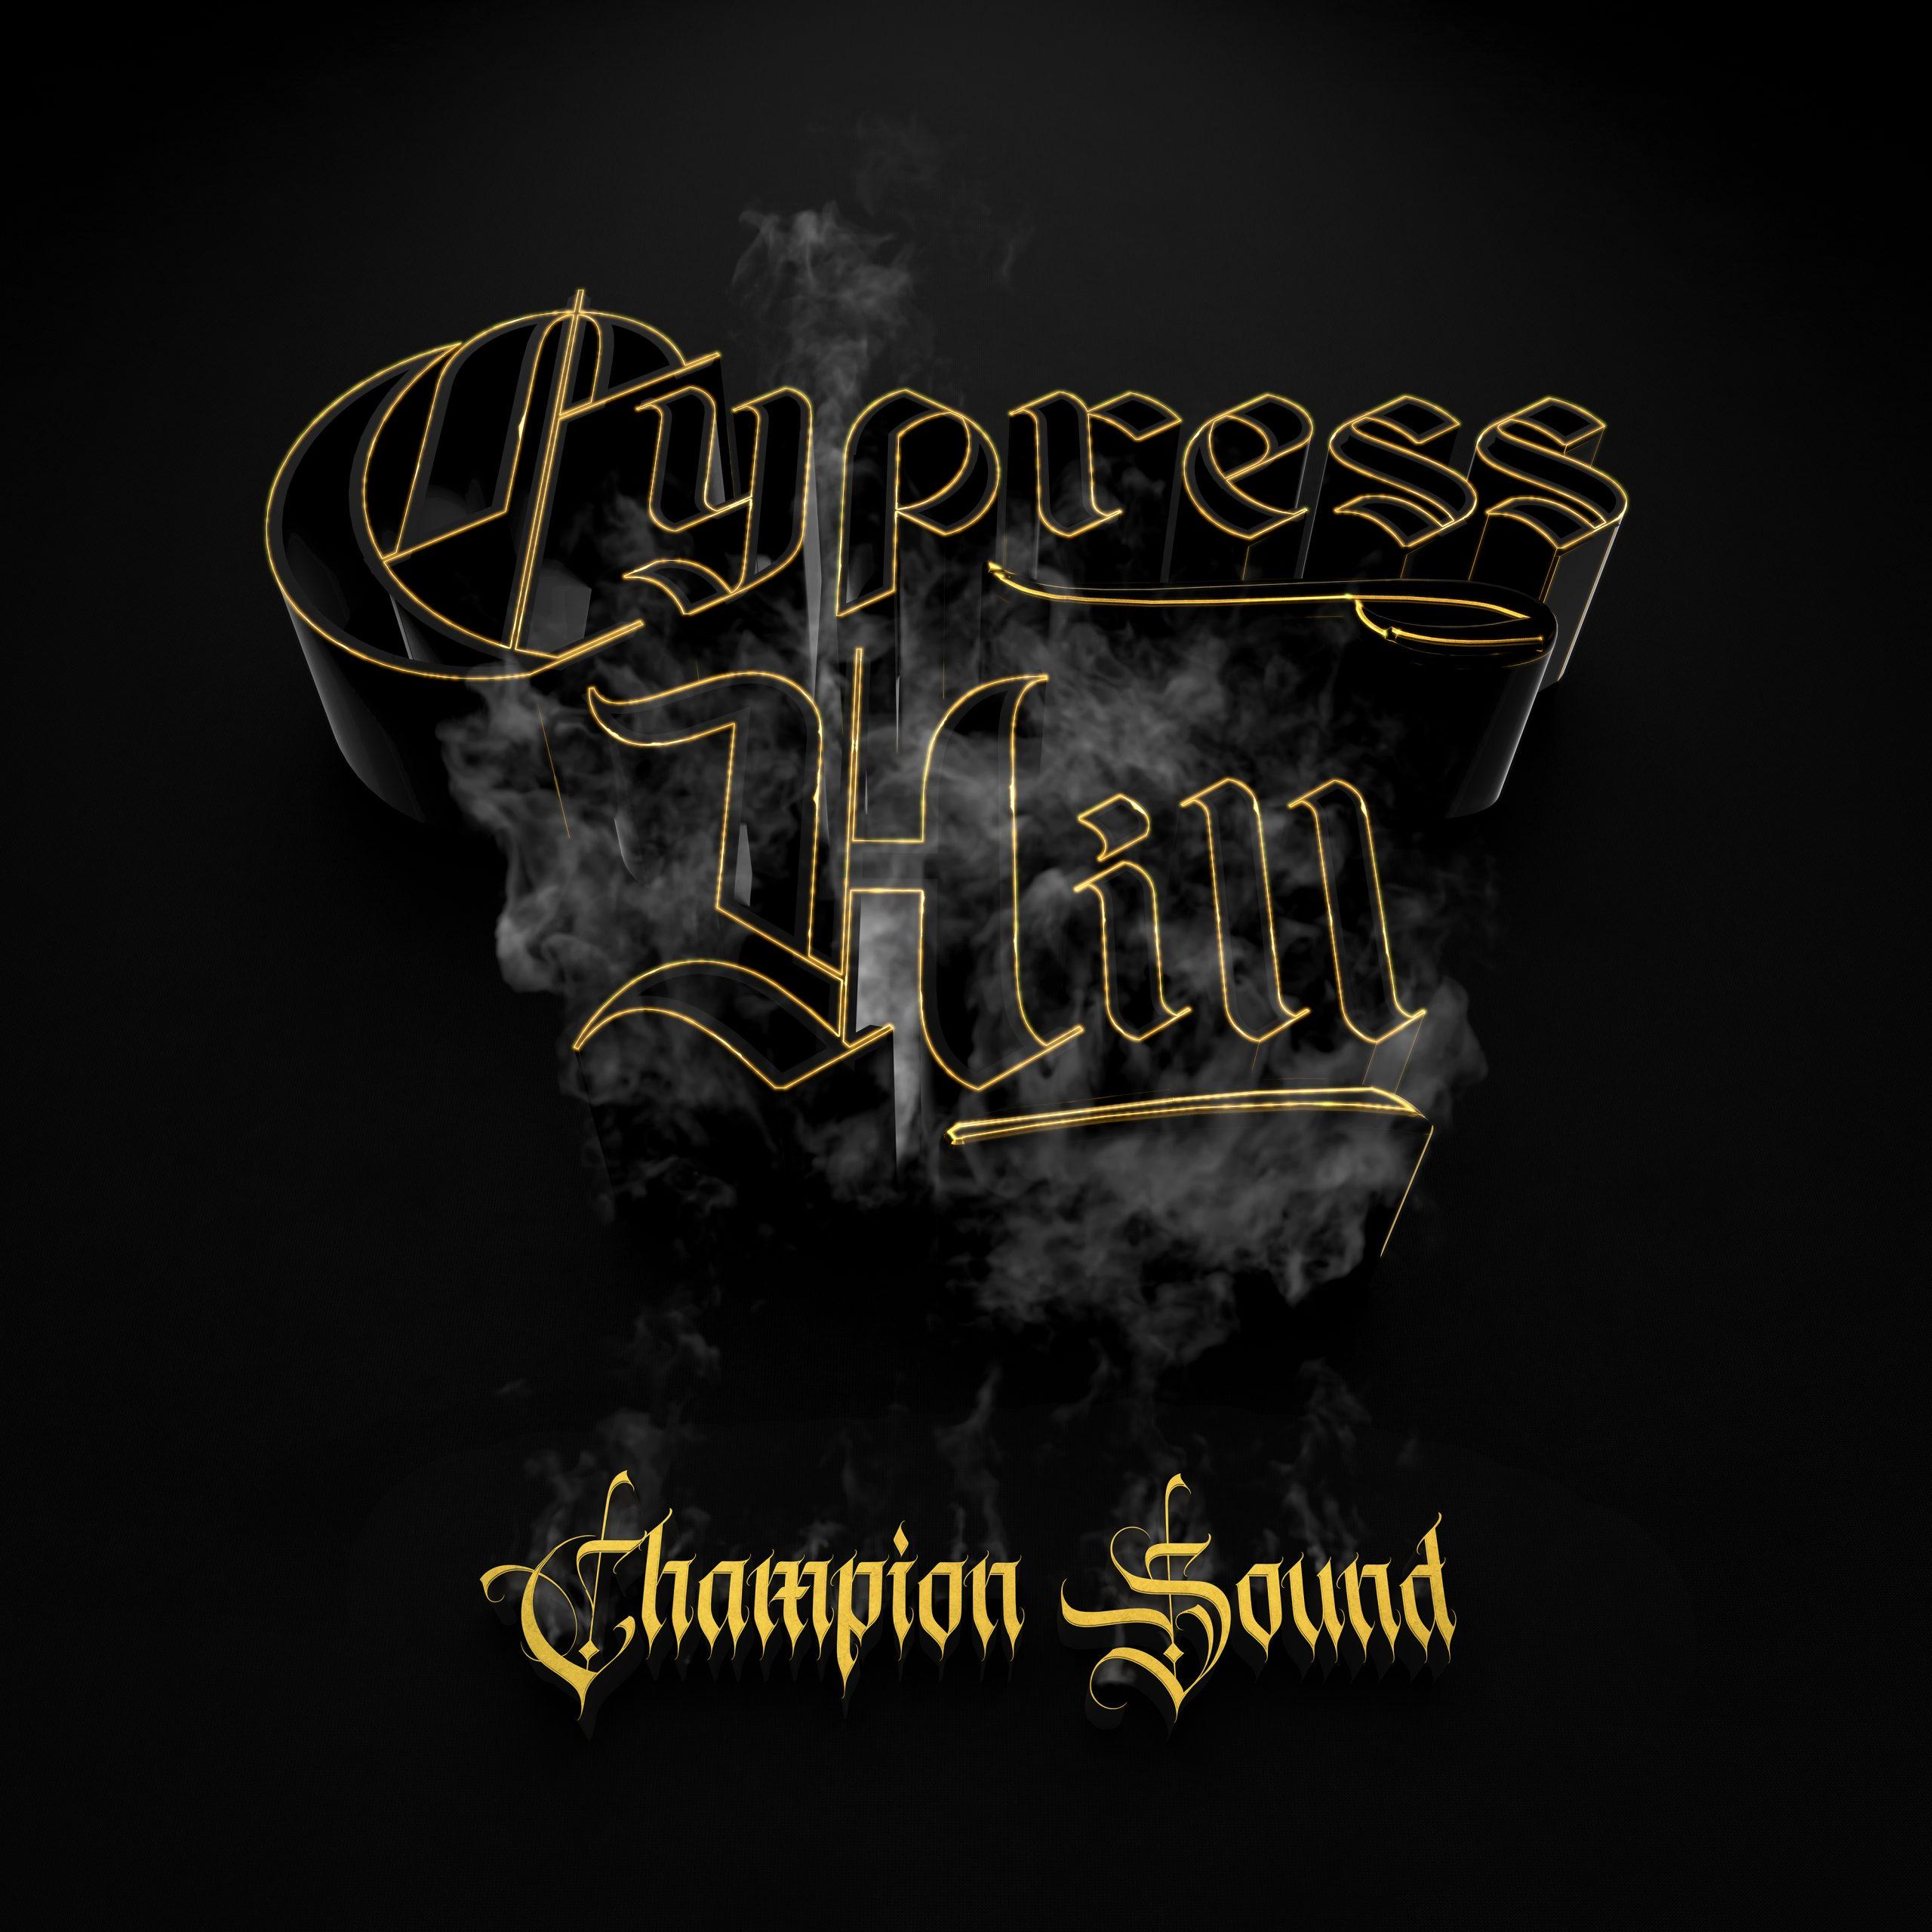 cypress-hill-champion-sound-singlevorstellung